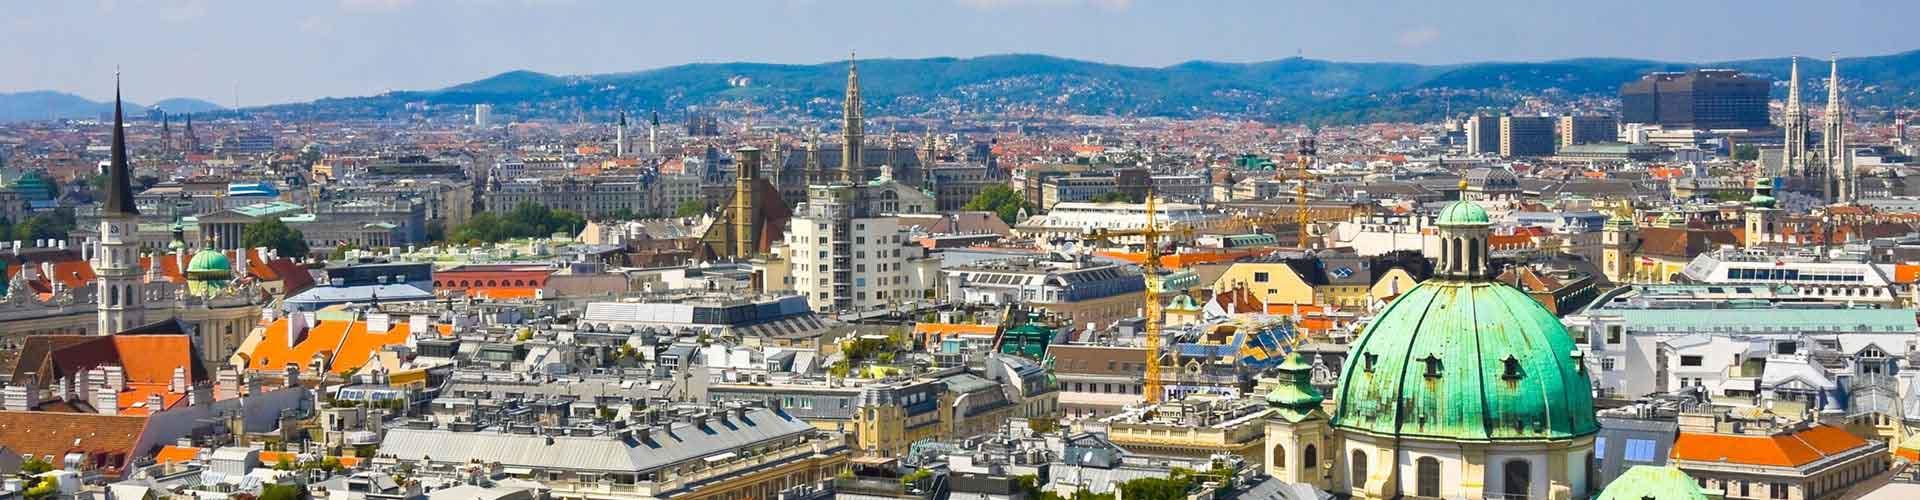 Viena - Hoteles baratos en el distrito Wieden. Mapas de Viena, Fotos y comentarios de cada Hotel barato en Viena.